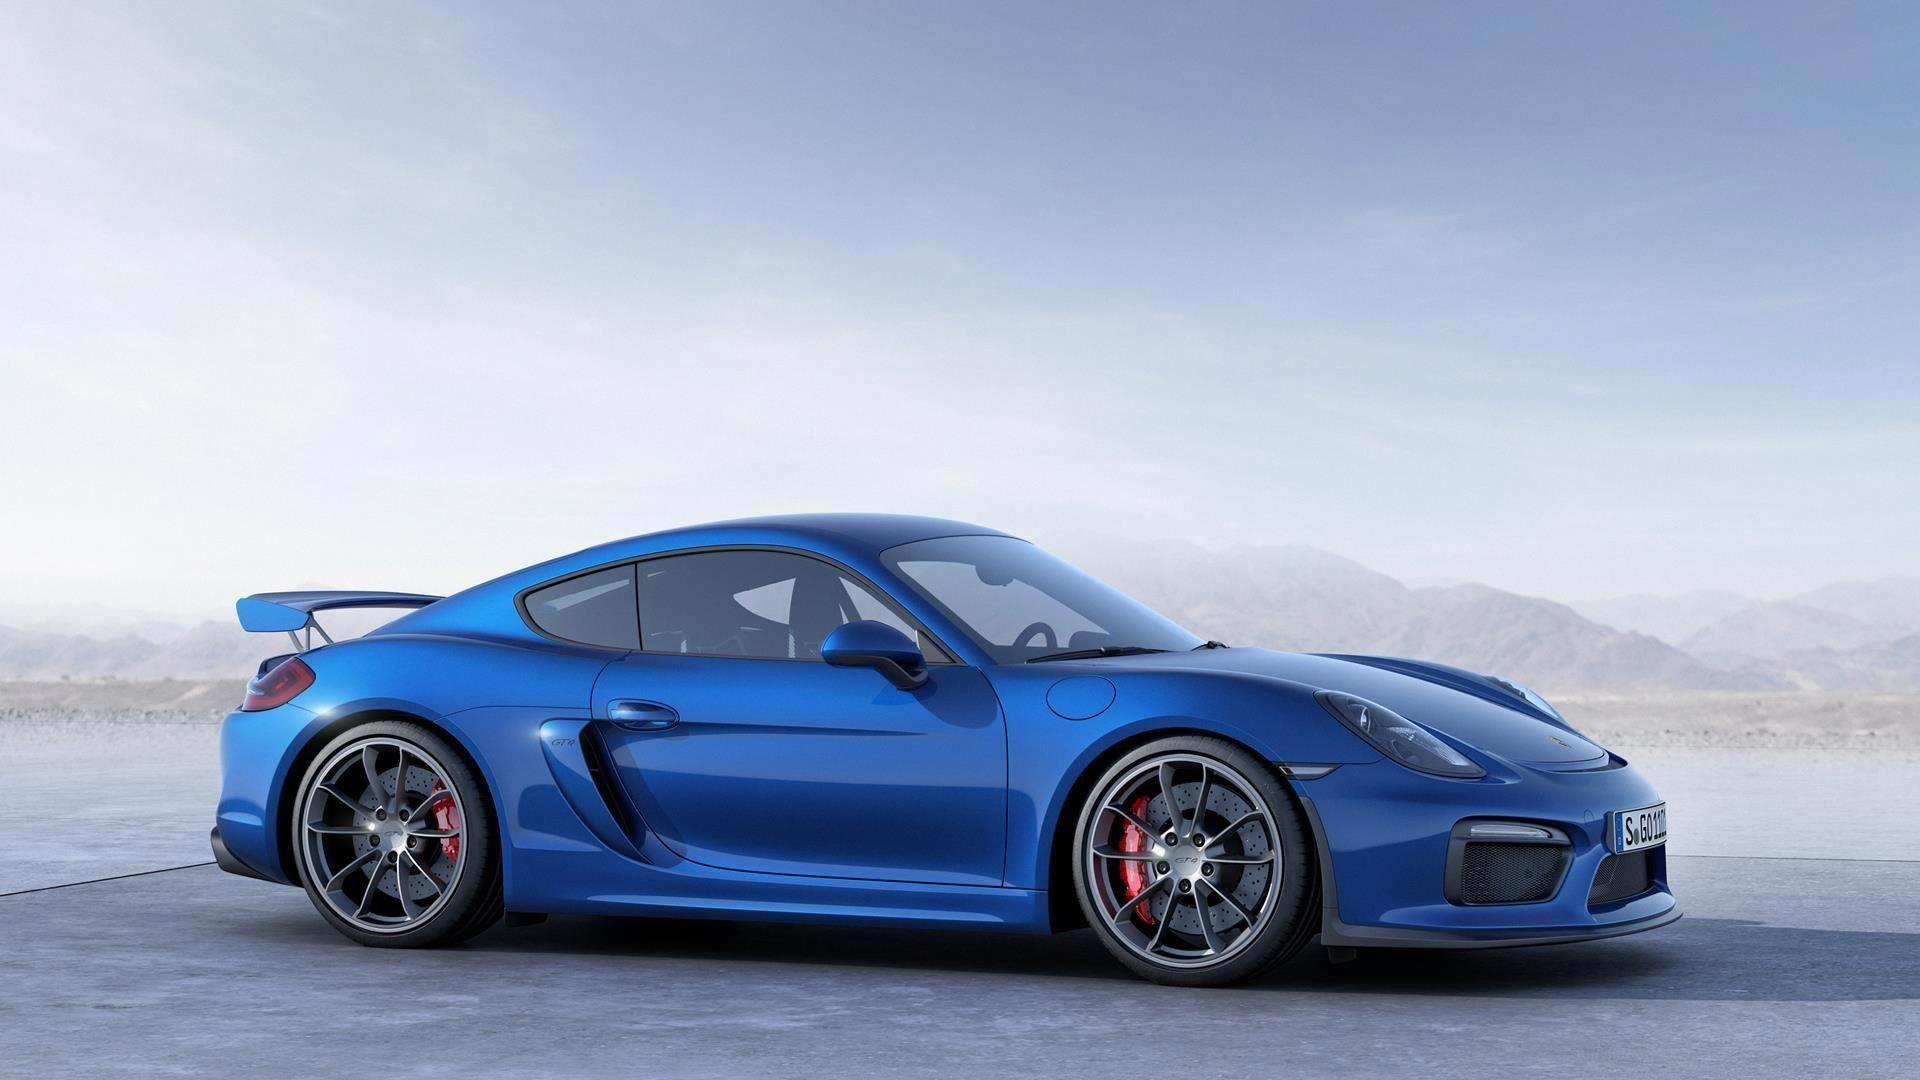 Porsche Cayman Gt4 Wallpaper Pack 1080p Hd Edwina Sheldon 1920x1080 Porschecaymangt4 Vwtouareg Cayman Gt4 Volkswagen Touareg Porsche